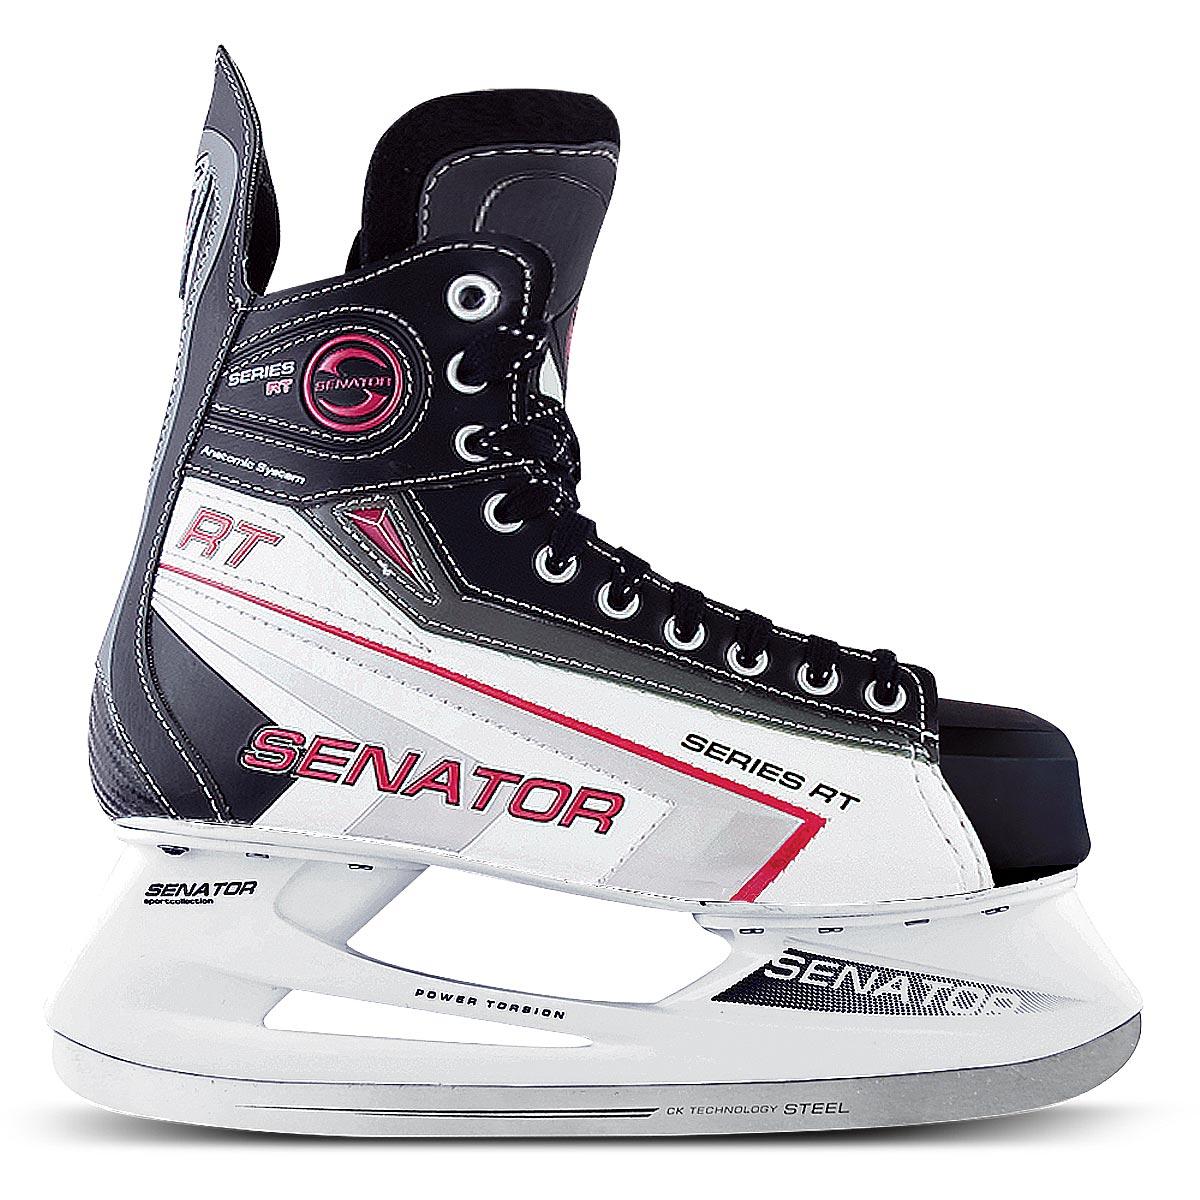 Коньки хоккейные мужские СК Senator RT, цвет: черный, белый. Размер 38SENATOR RT_черный, белый_38Стильные коньки от CK прекрасно подойдут для начинающих игроков в хоккей. Ботинок выполнен из морозоустойчивой искусственной кожи и ПВХ. Мыс дополнен вставкой, которая защитит ноги от ударов. Внутренний слой и стелька изготовлены из мягкого вельвета, который обеспечит тепло и комфорт во время катания, язычок - из войлока. Плотная шнуровка надежно фиксирует модель на ноге. Анатомический голеностоп имеет удобный суппорт. По верху коньки декорированы оригинальным принтом и тиснением в виде логотипа бренда. Подошва - из твердого пластика. Стойка выполнена из ударопрочного поливинилхлорида. Лезвие из нержавеющей стали обеспечит превосходное скольжение. Оригинальные коньки придутся вам по душе.